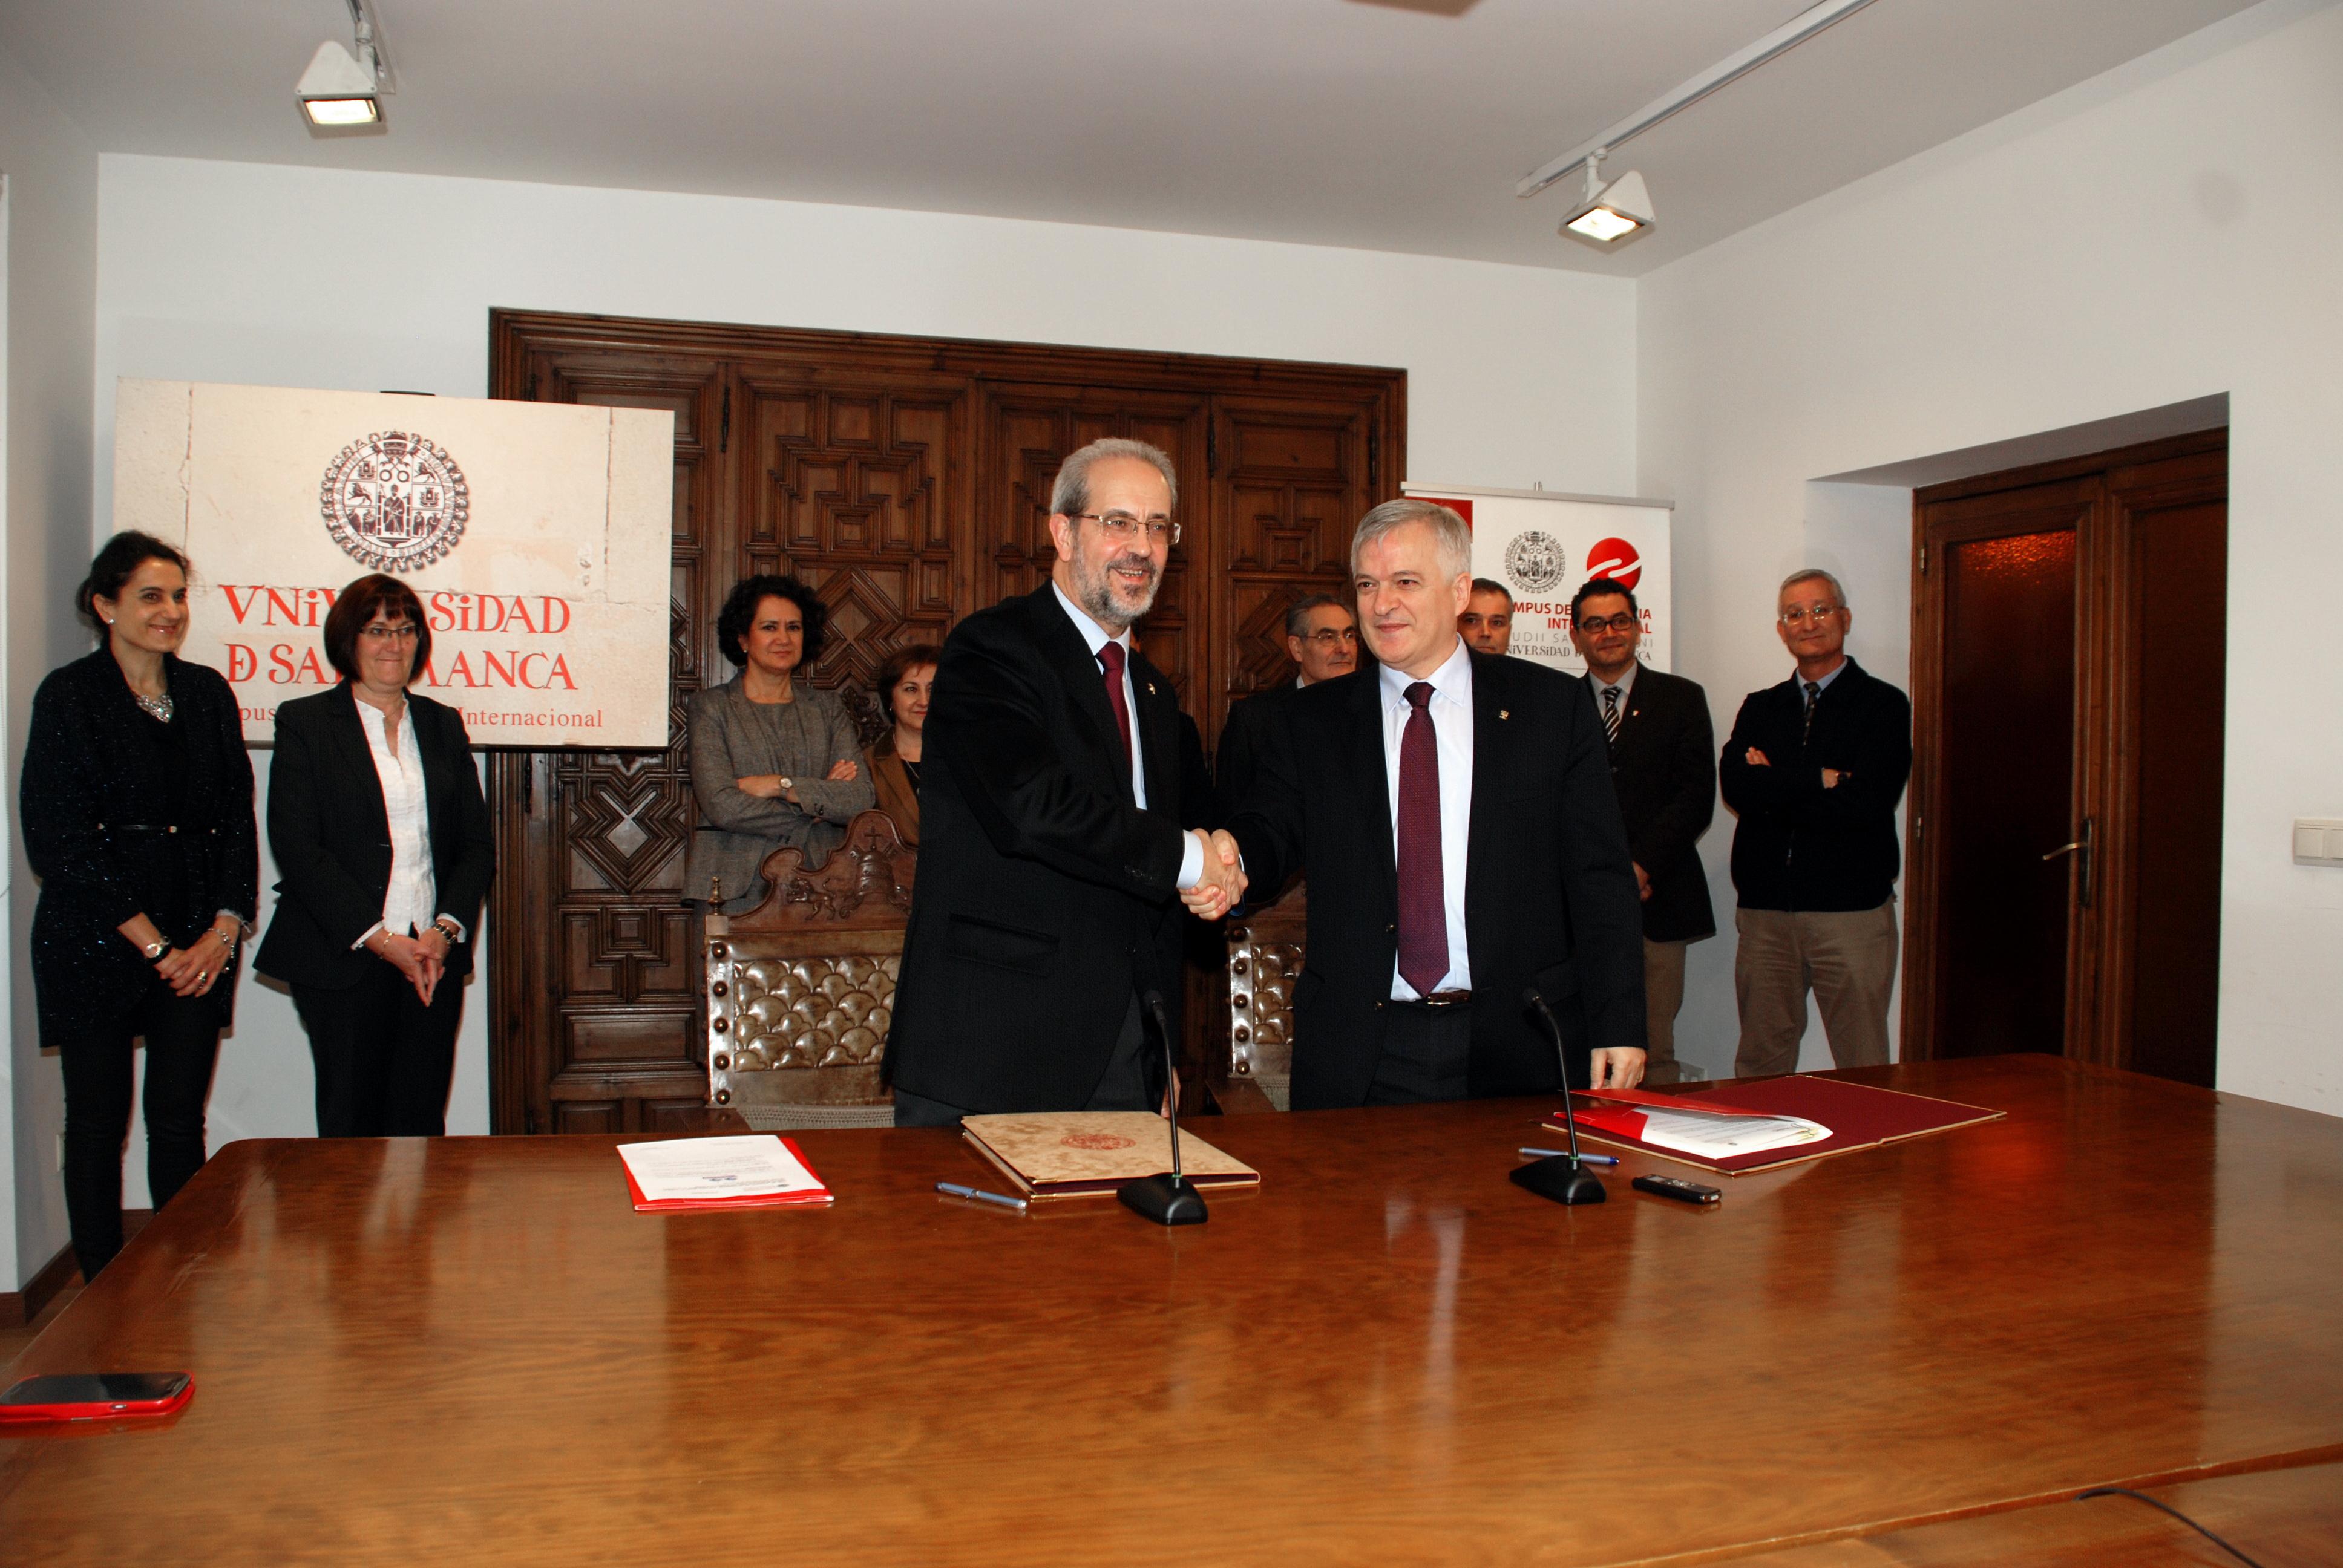 La Universidad de Salamanca y el Consejo Superior de Investigaciones Científicas impulsan el desarrollo conjunto de programas de doctorado y másteres universitarios